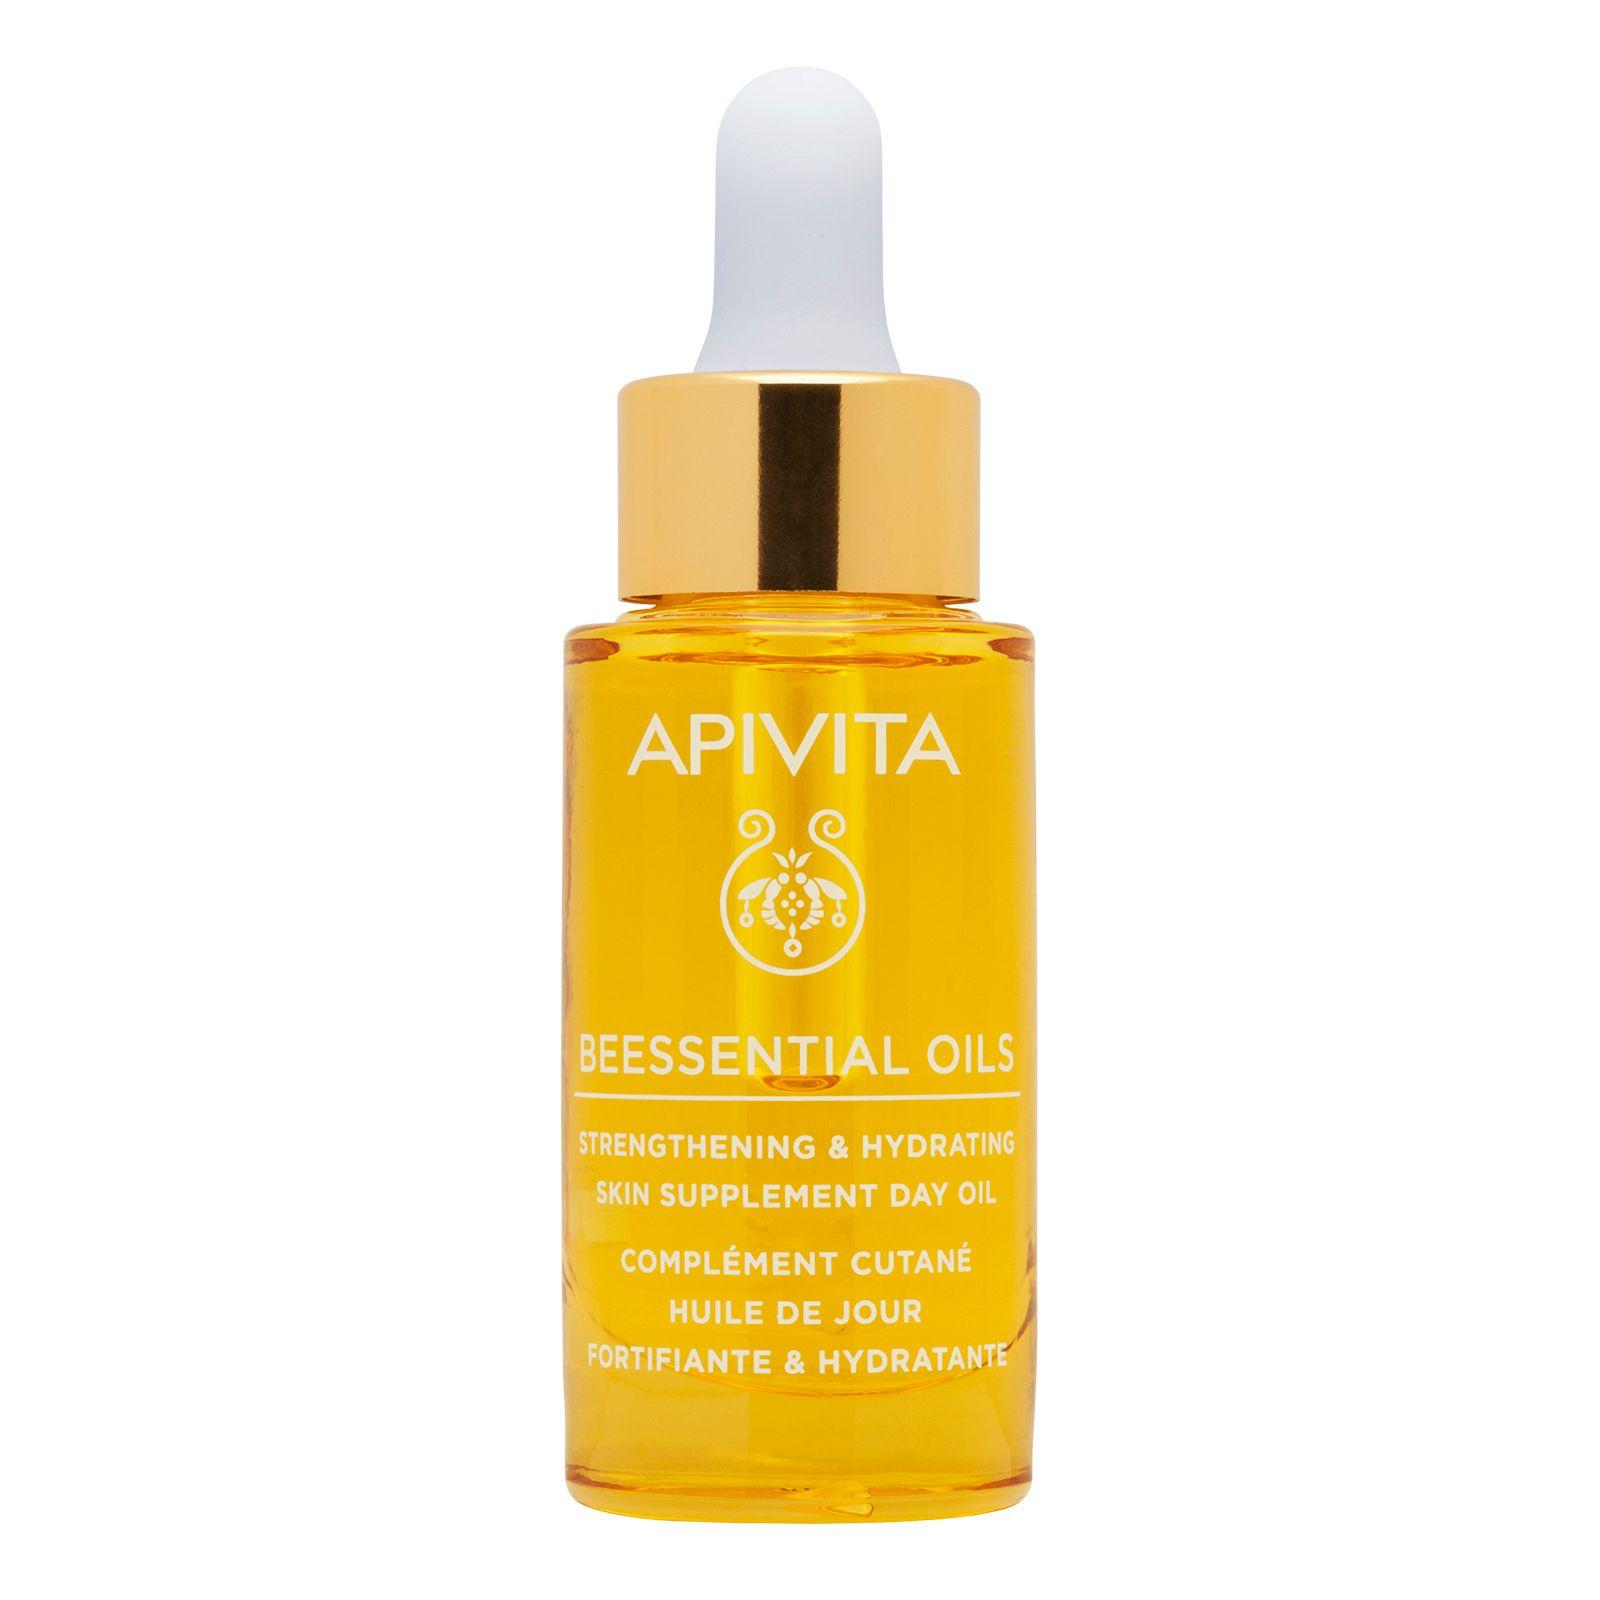 Image of APIVITA BEESSENTIAL OILS